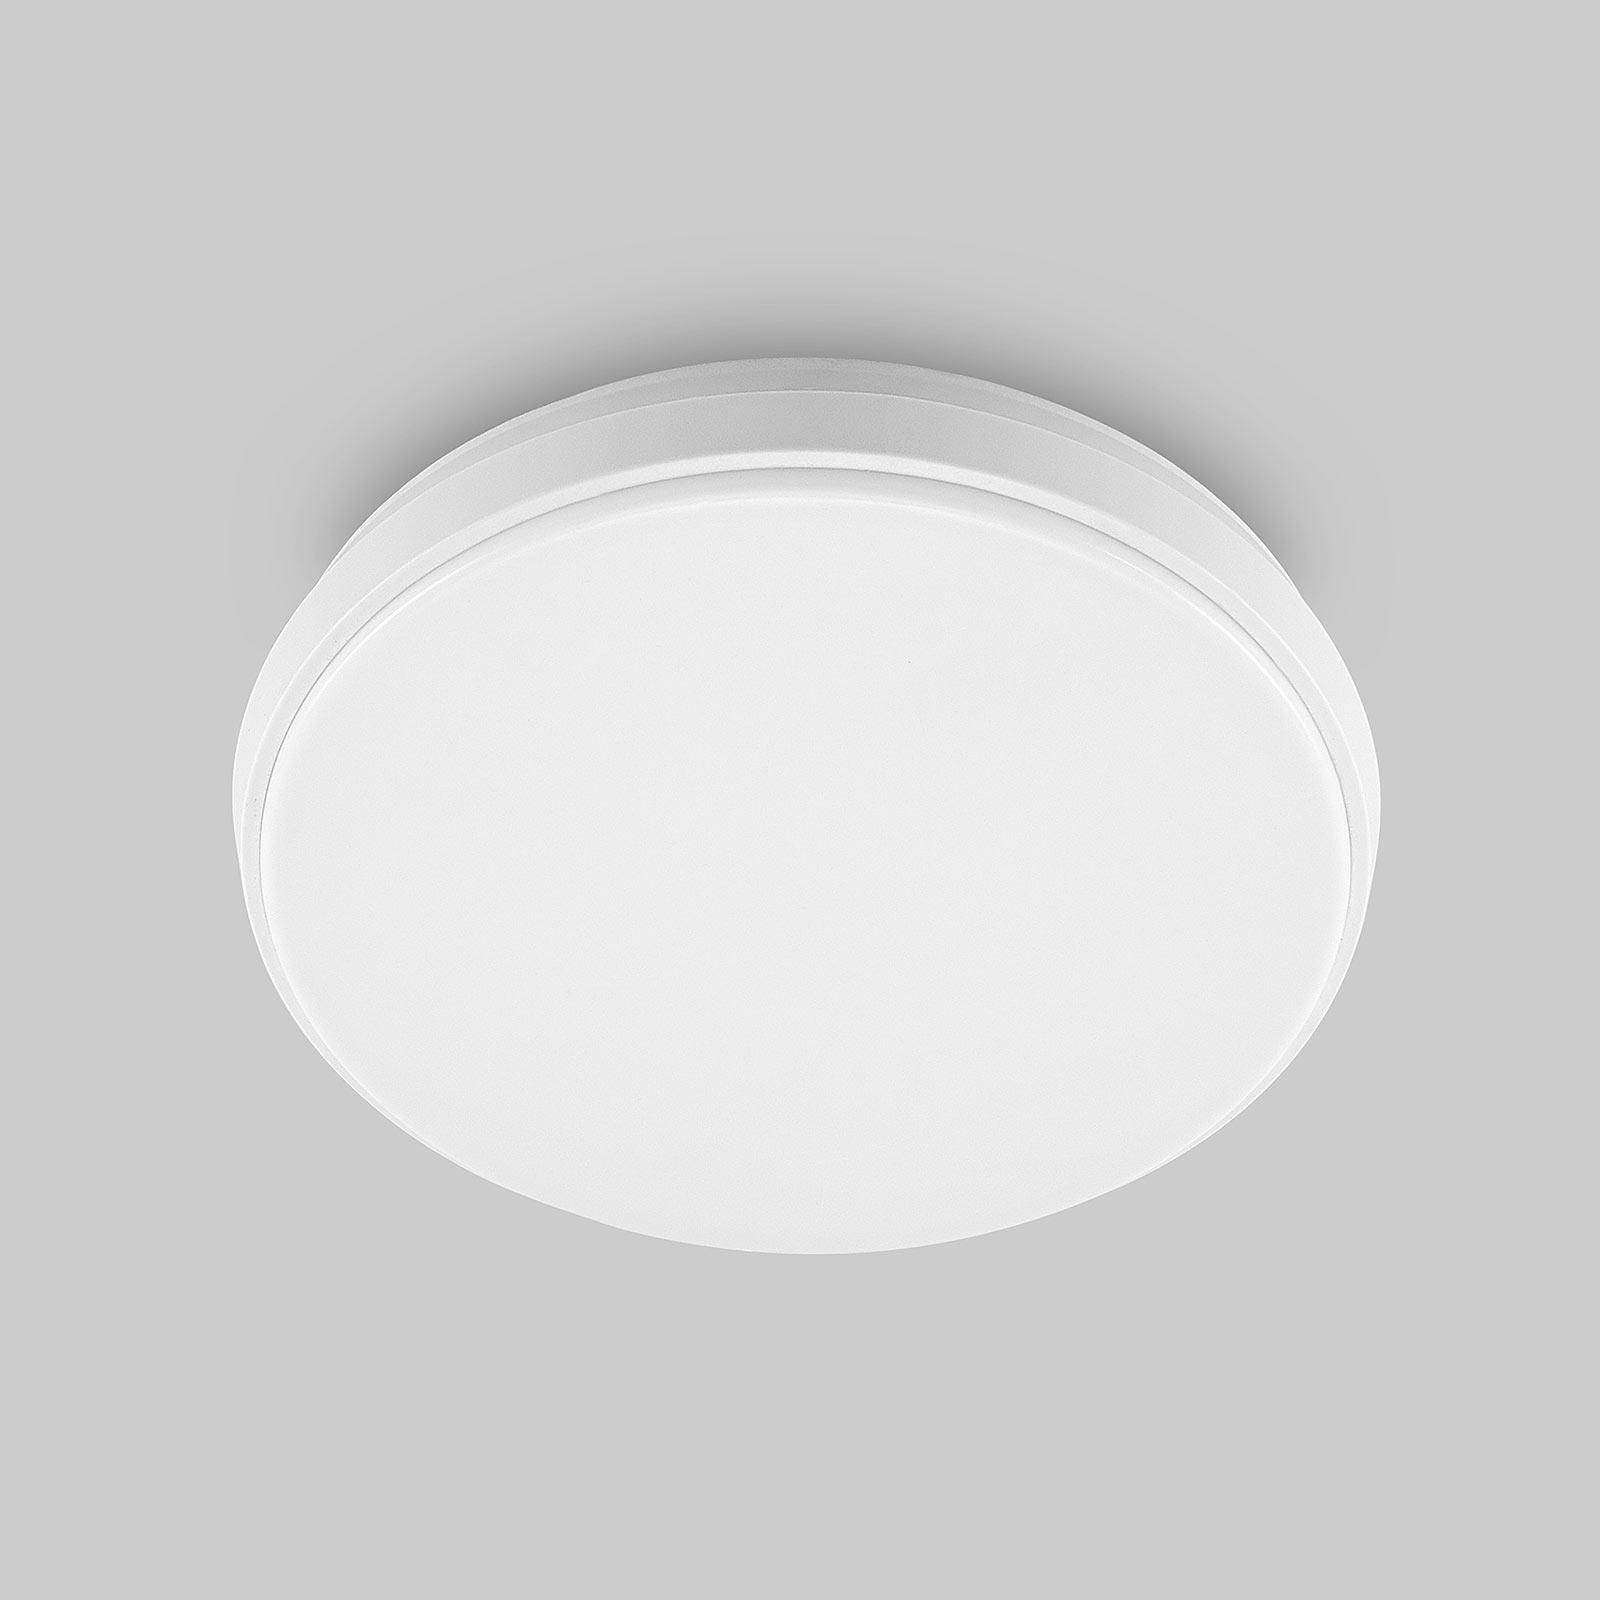 Arcchio Brady lampa sufitowa LED, biała, 25 cm